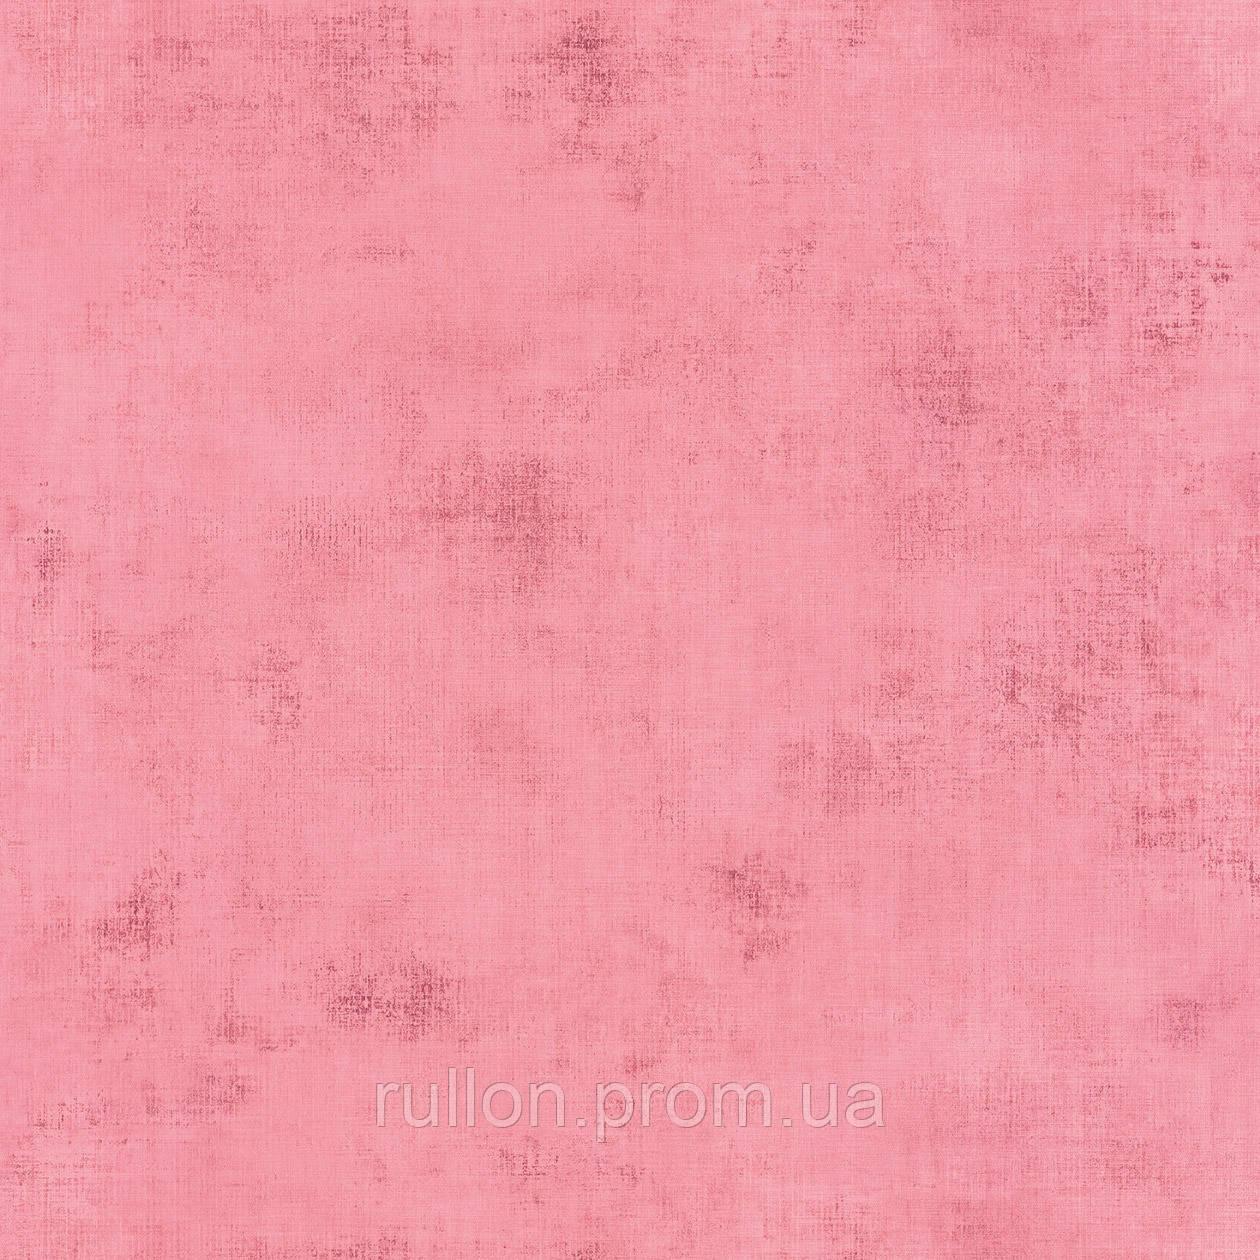 Обои Caselio TELAS 69874170 (Флизелиновые, розовые)